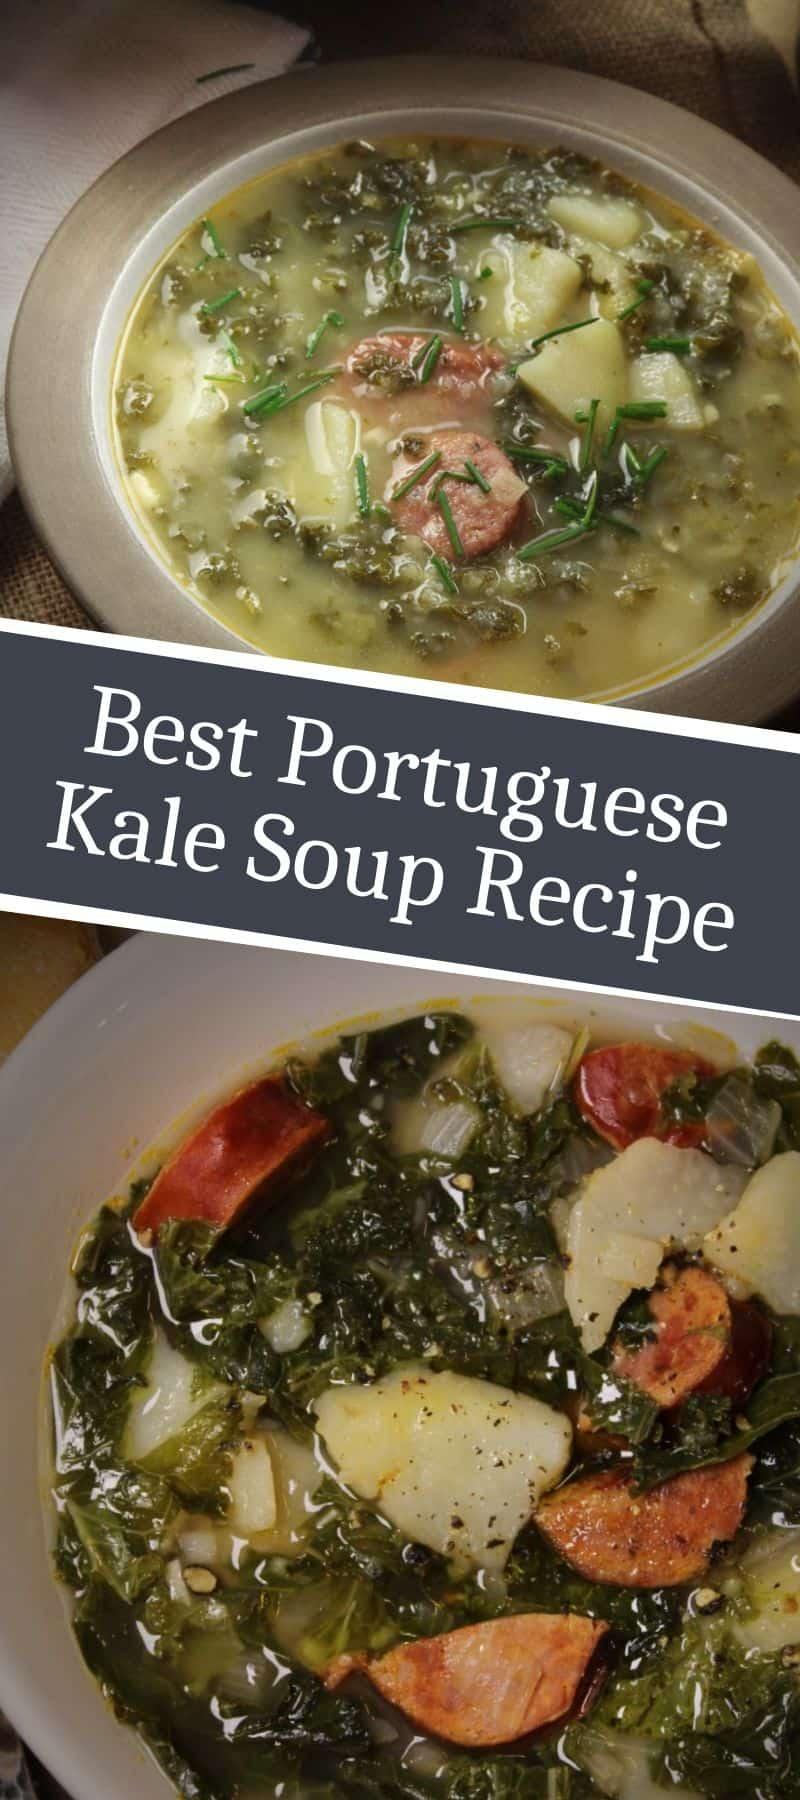 Best Portuguese Kale Soup Recipe